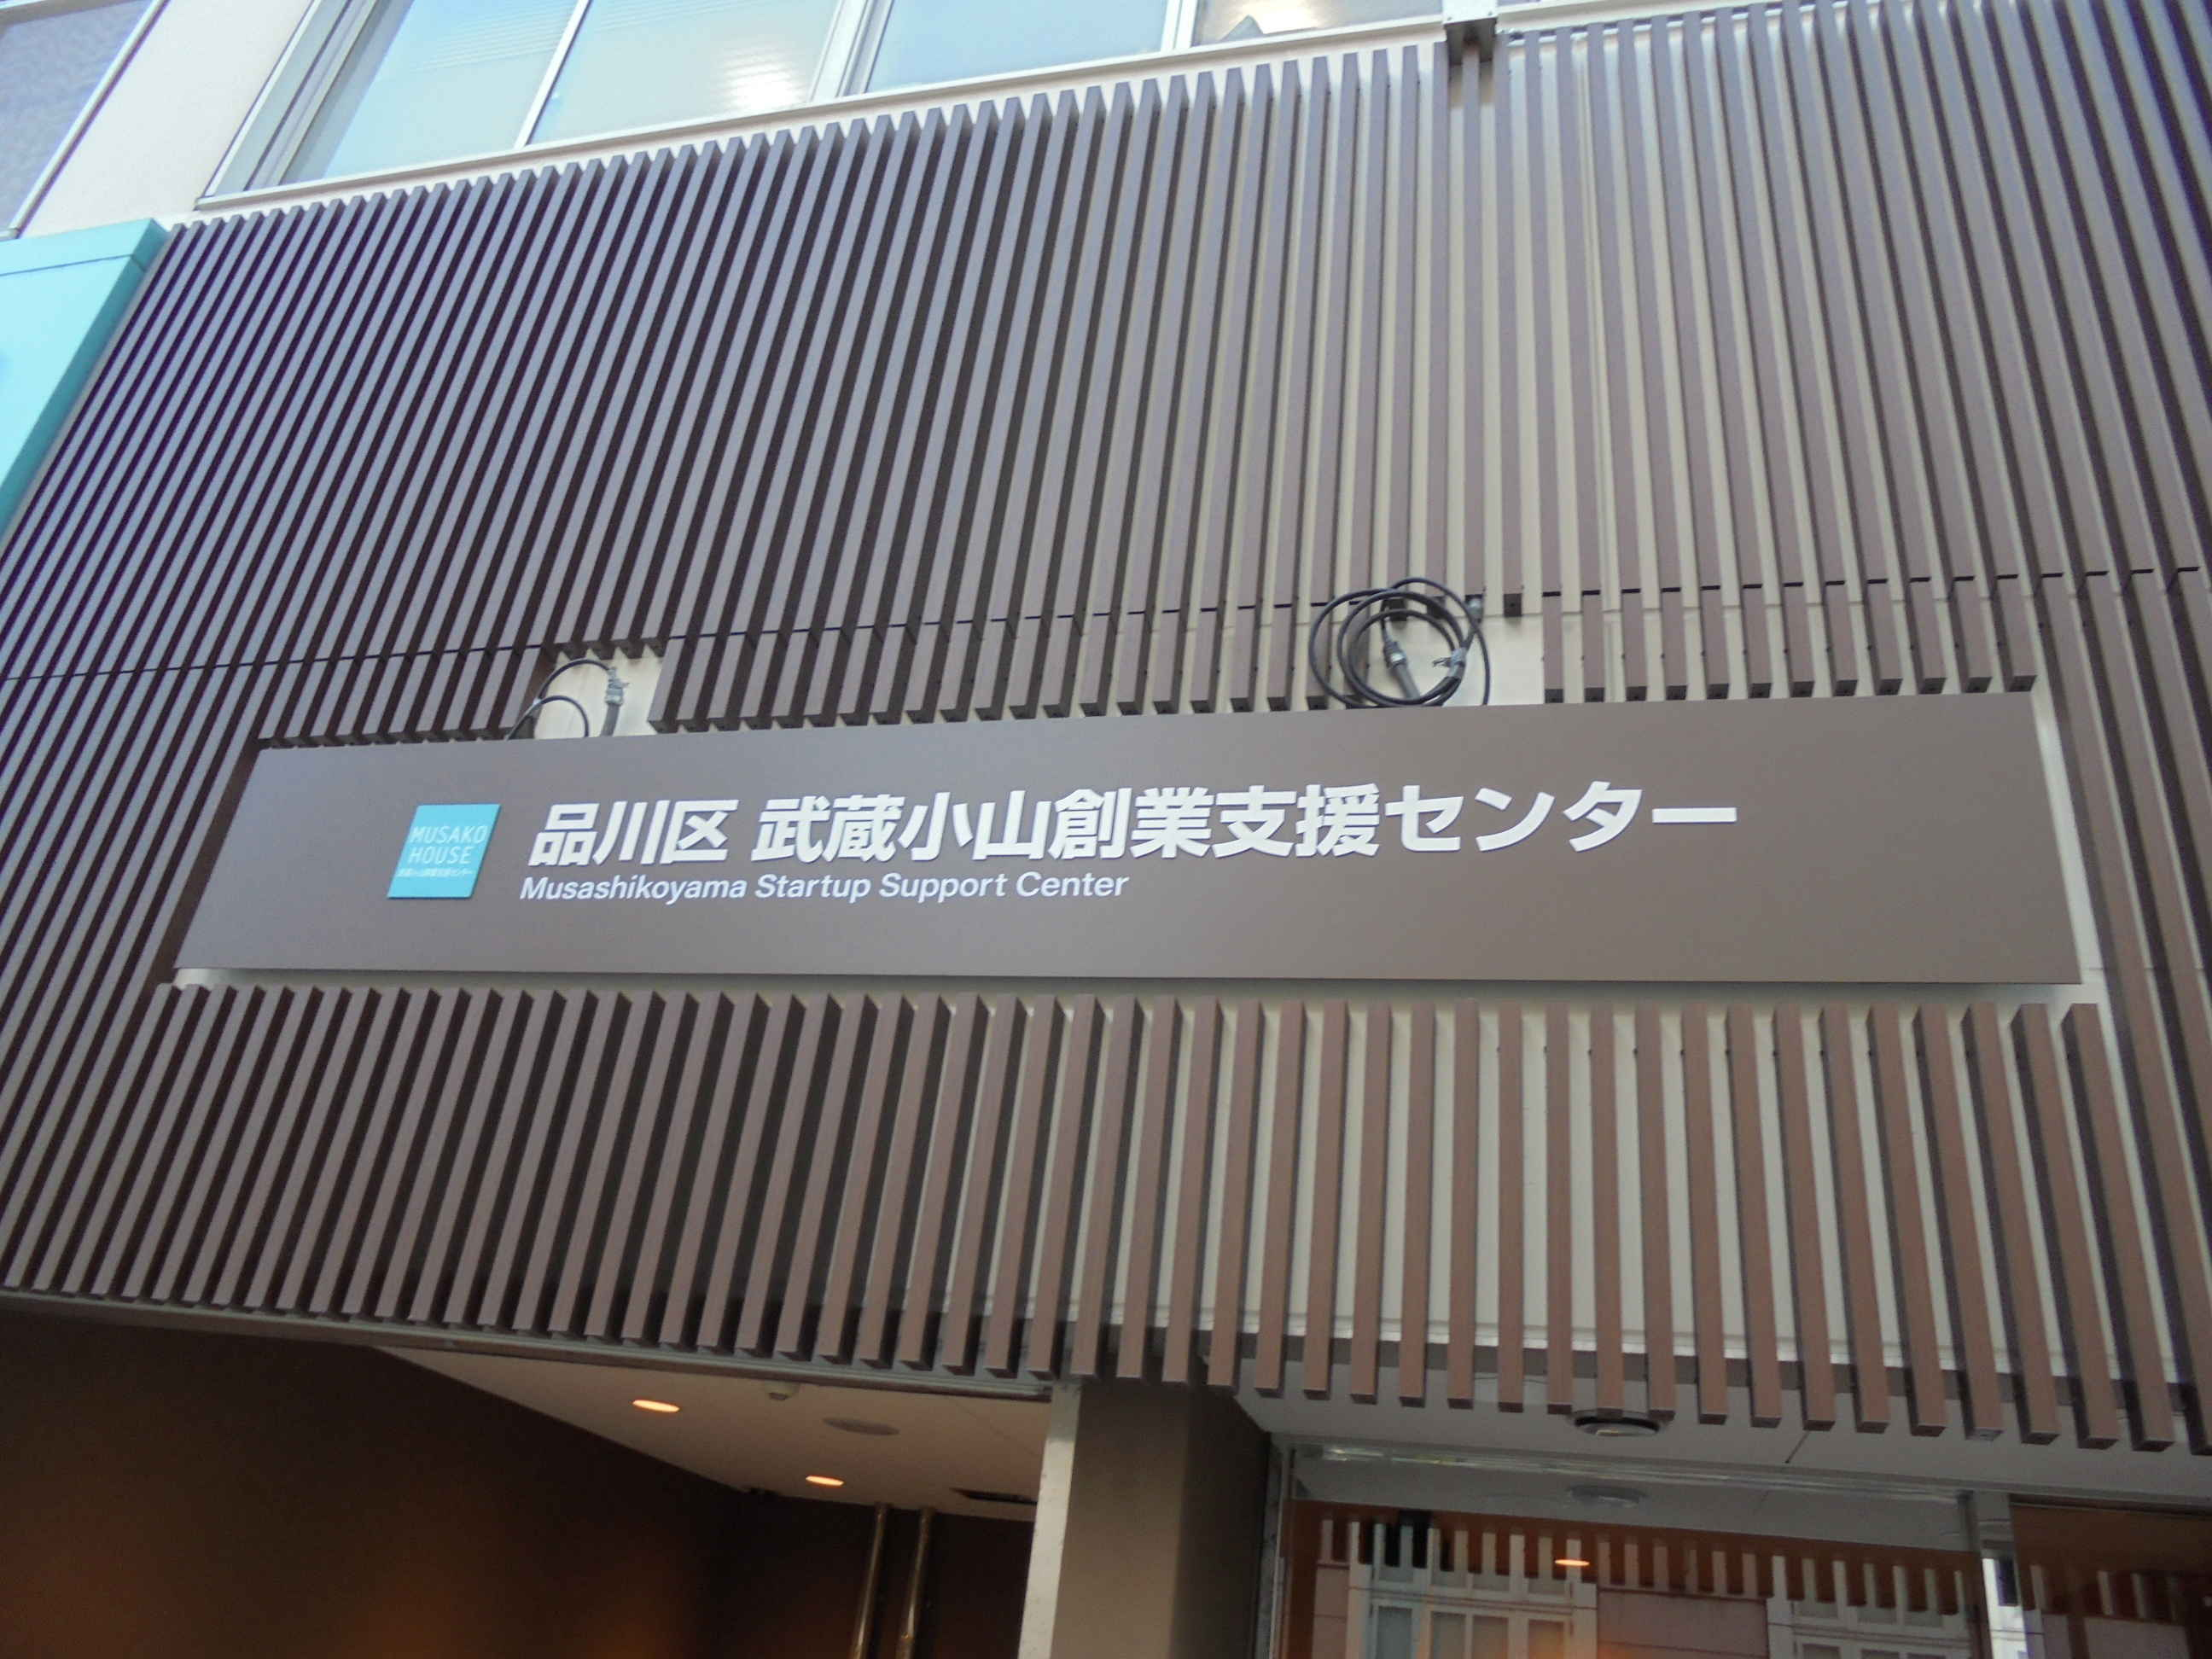 https://www.shopro.co.jp/hoiku/img/2021/01/2071212120212110.JPG